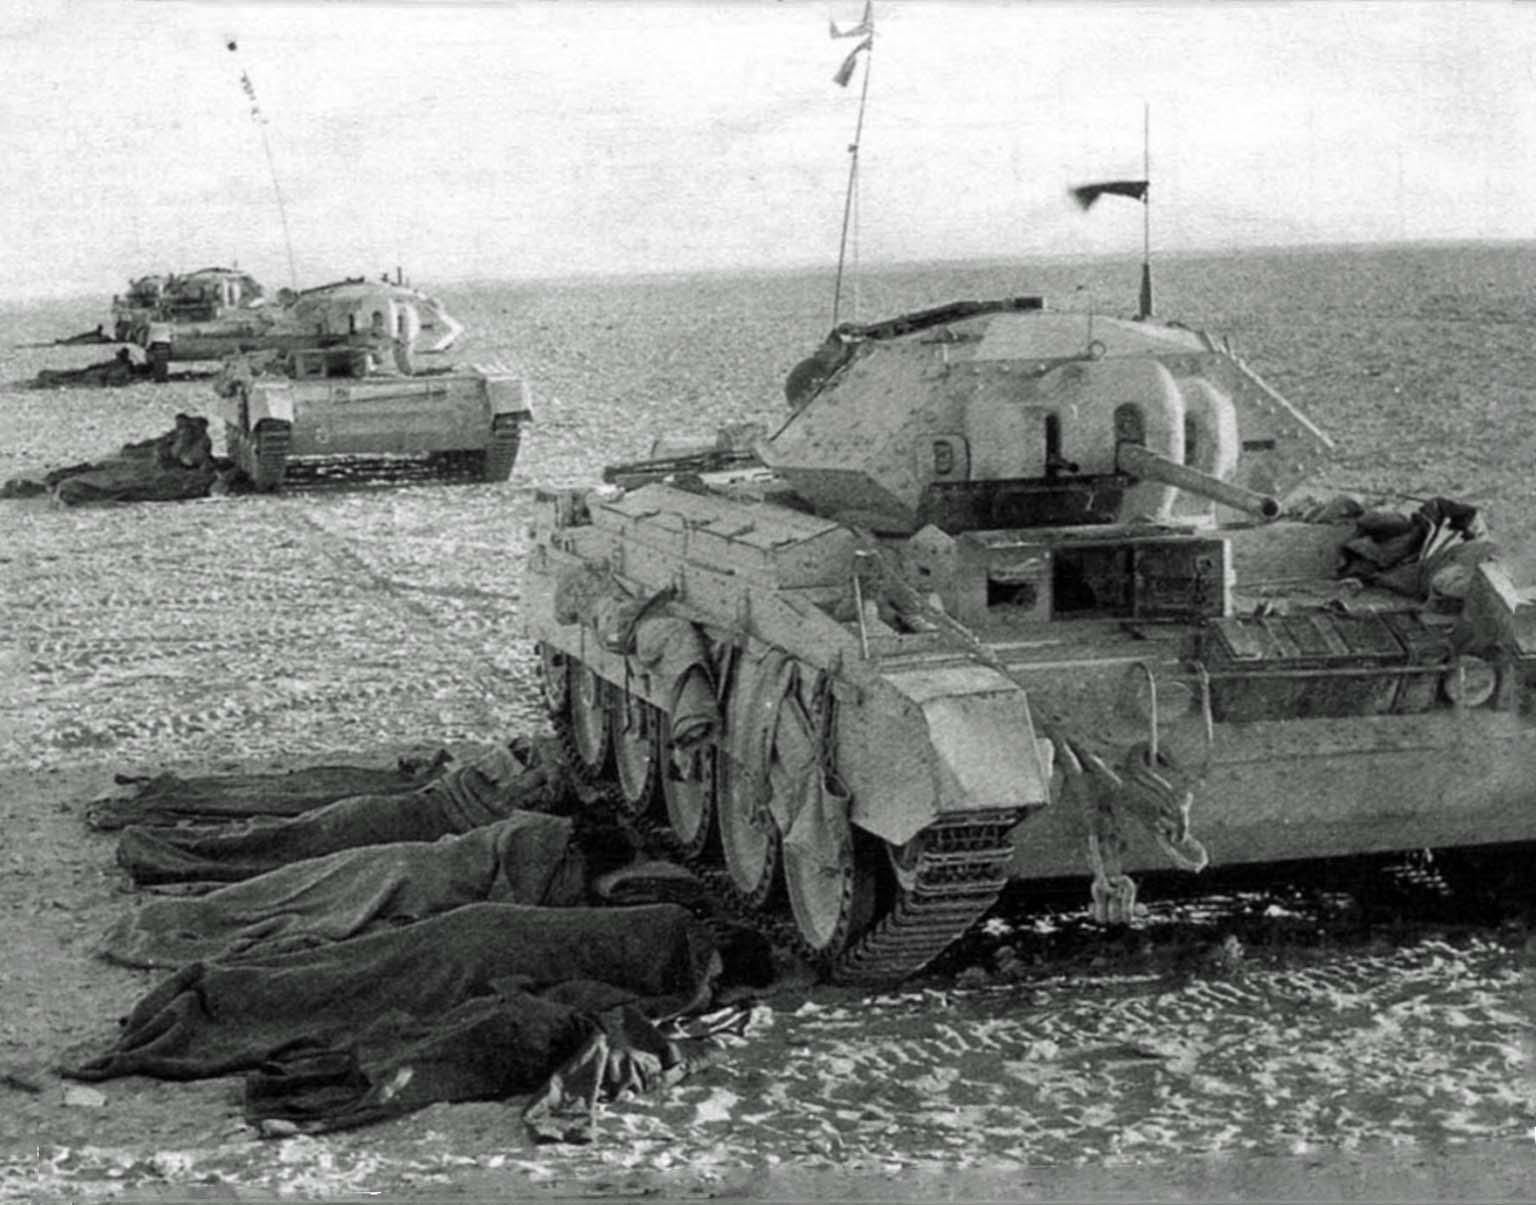 Mk.VI Crusader